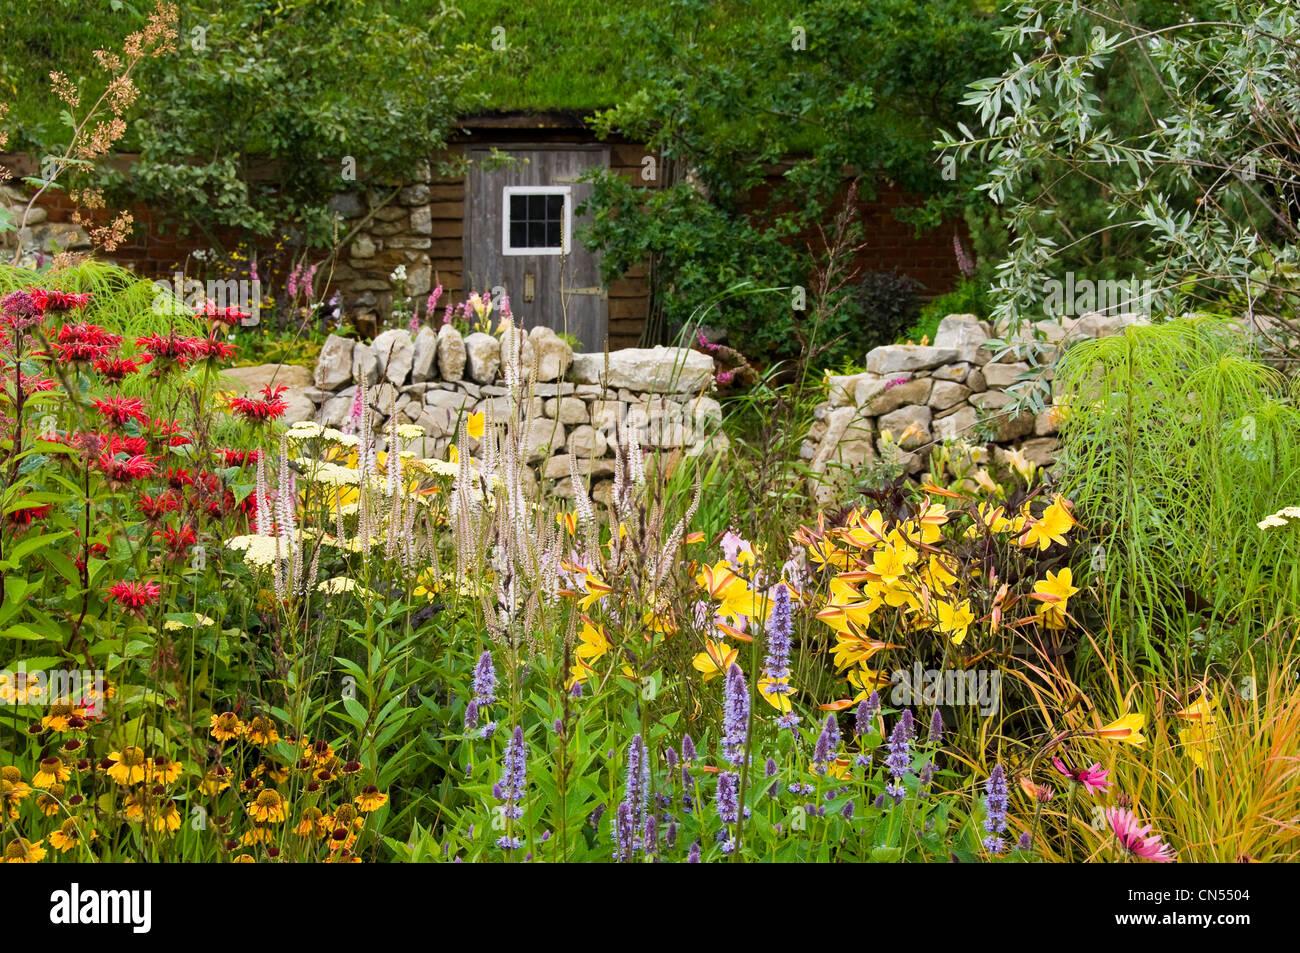 Cottage garten pflanzen  Horizontale Sicht auf eine traditionelle Tierwelt-freundliche ...